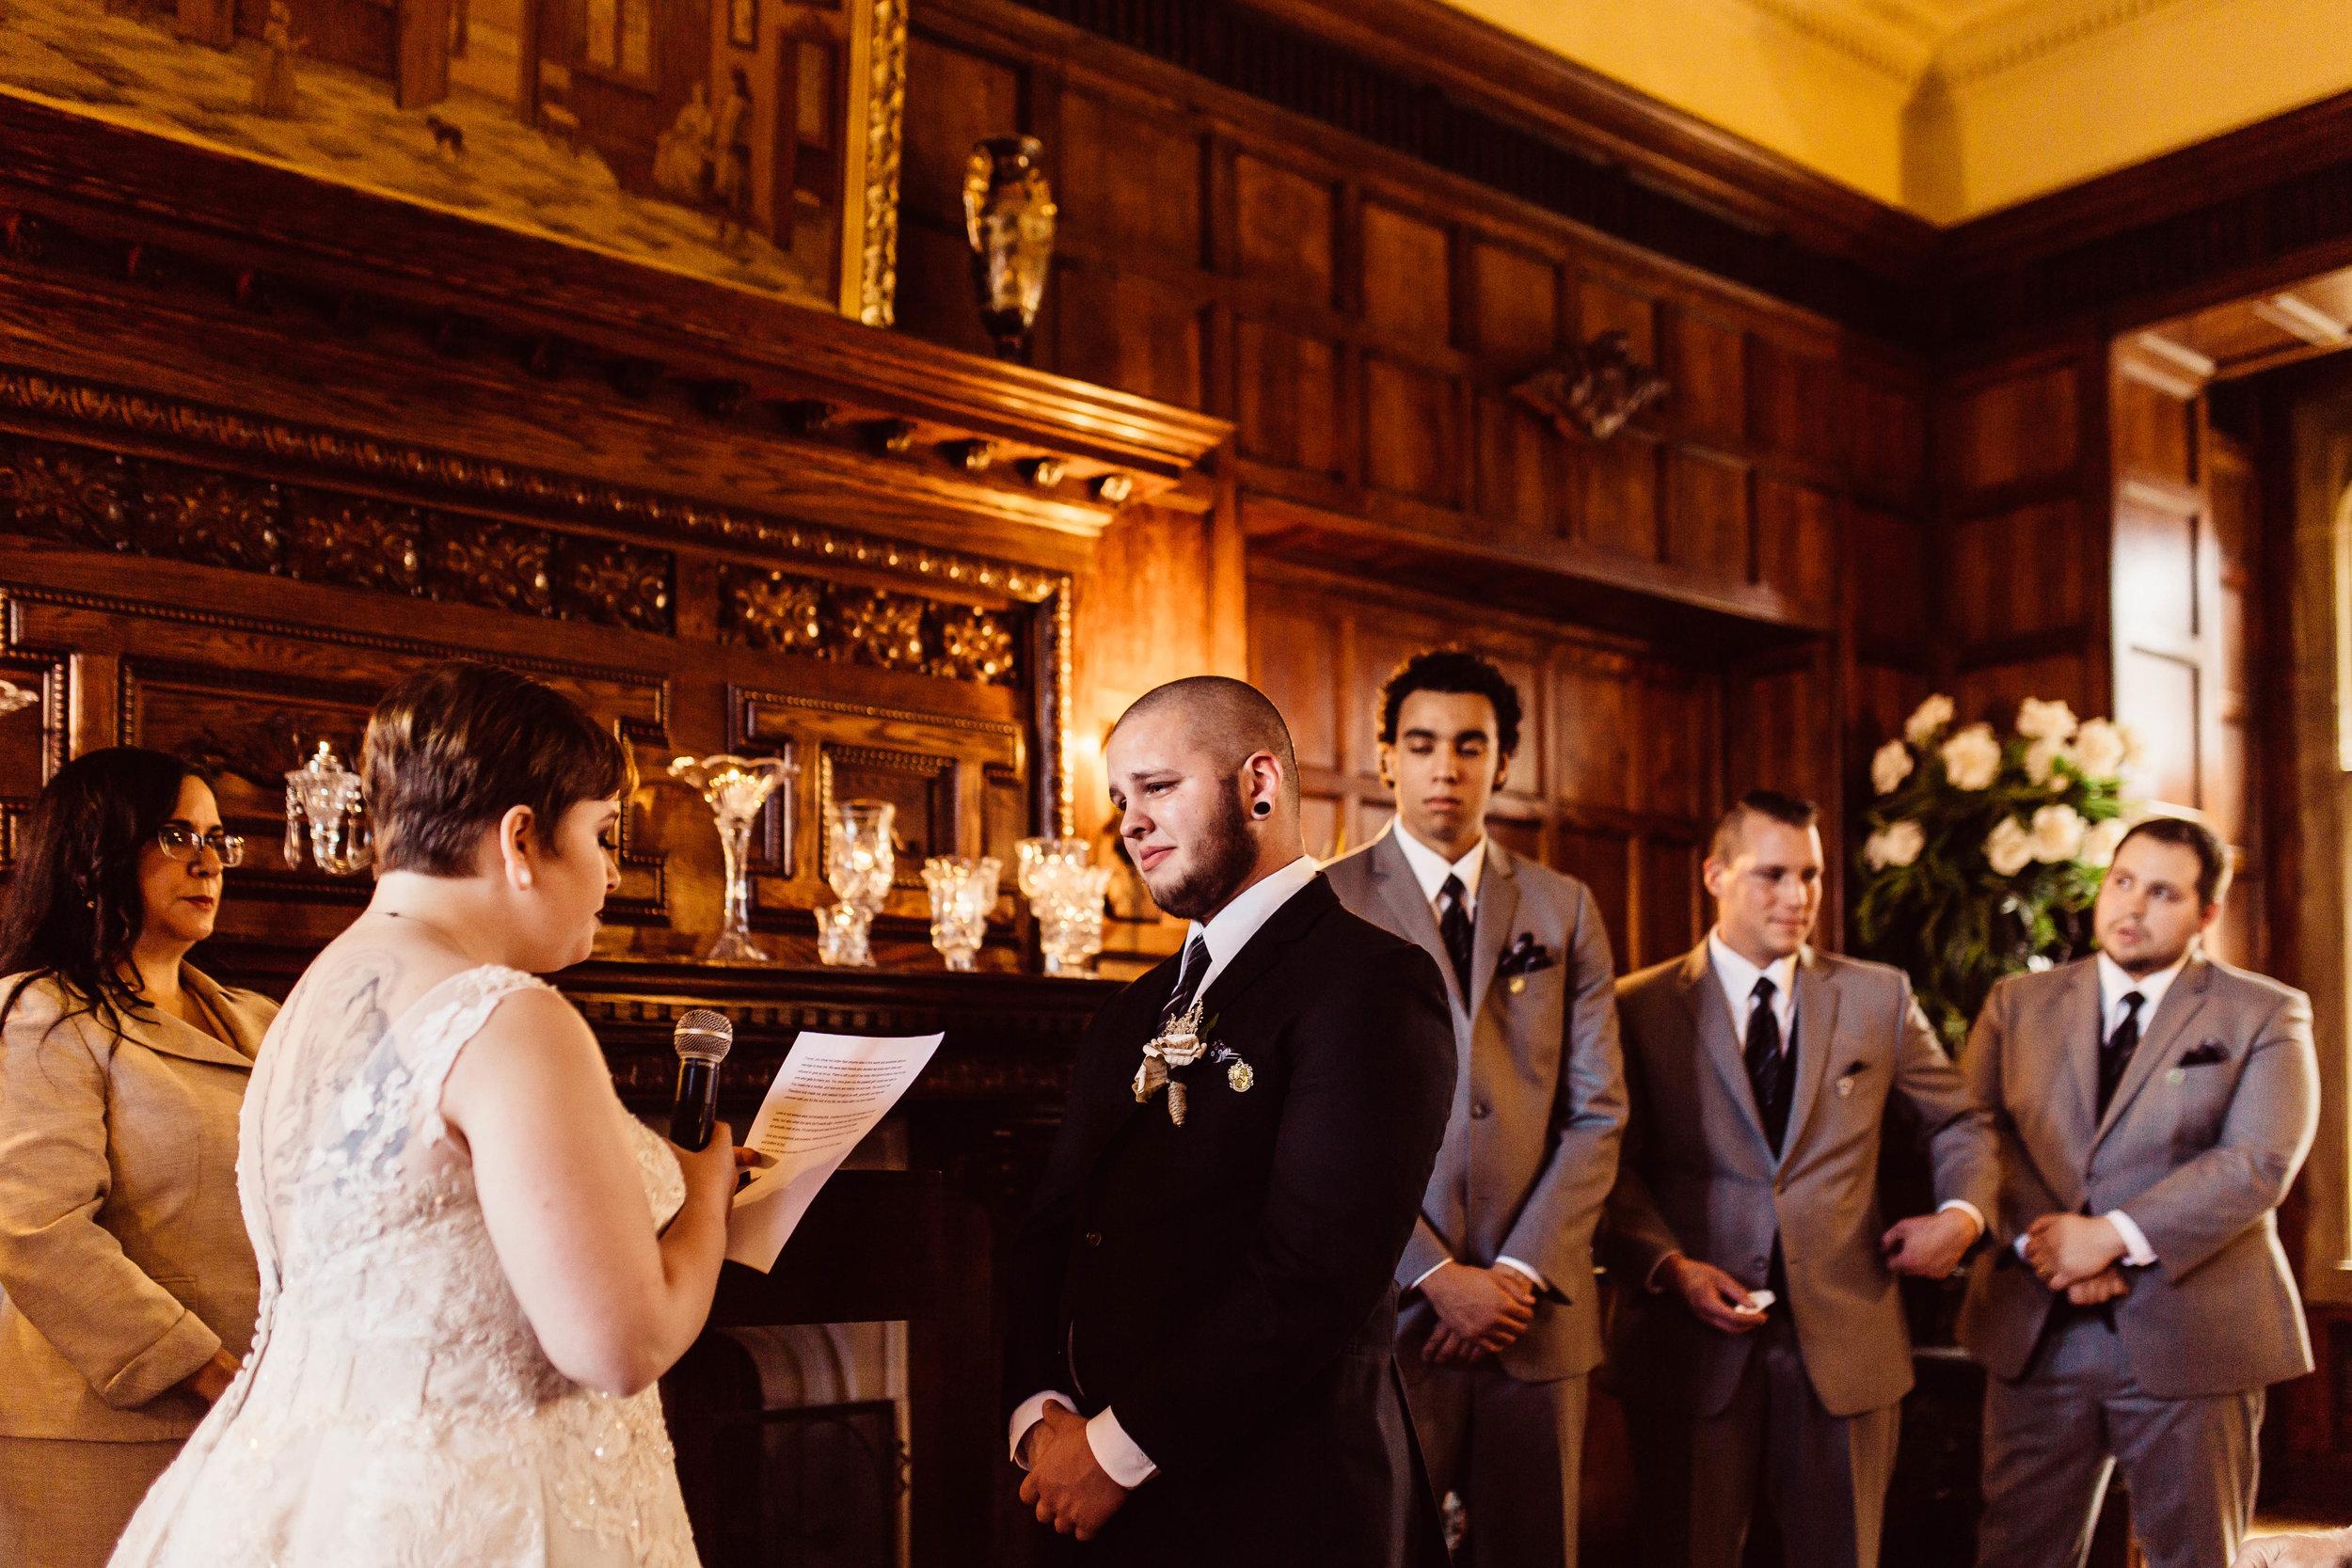 washington_wedding_Thornewood_Castle_photography-9559.jpg